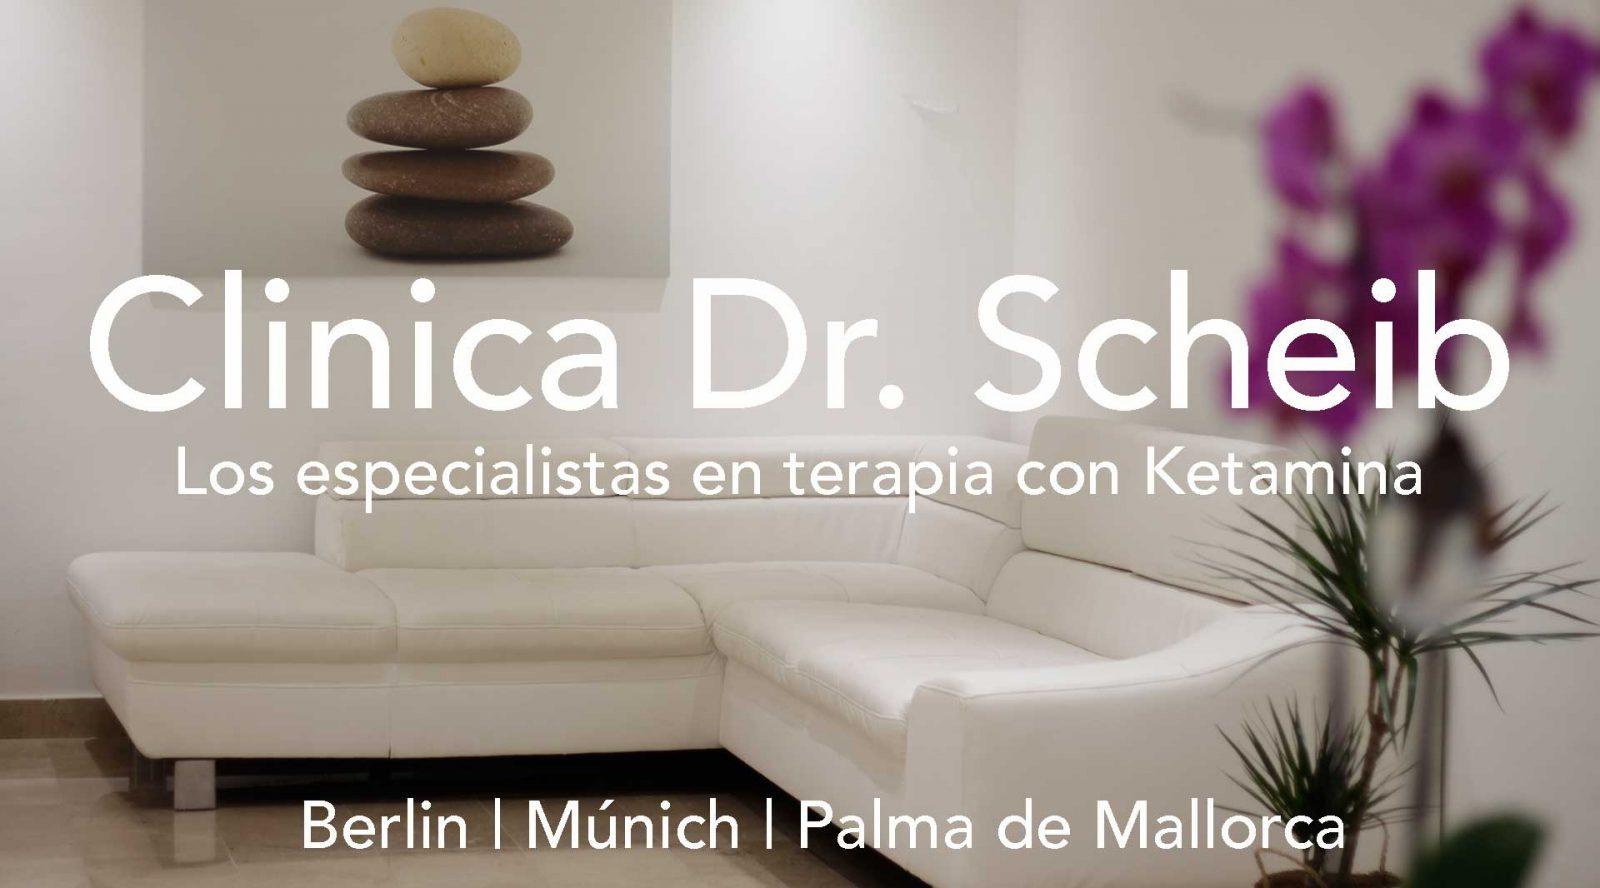 tratamiento de depresión con Ketamina en Alemania, terapia con ketamina en alemania